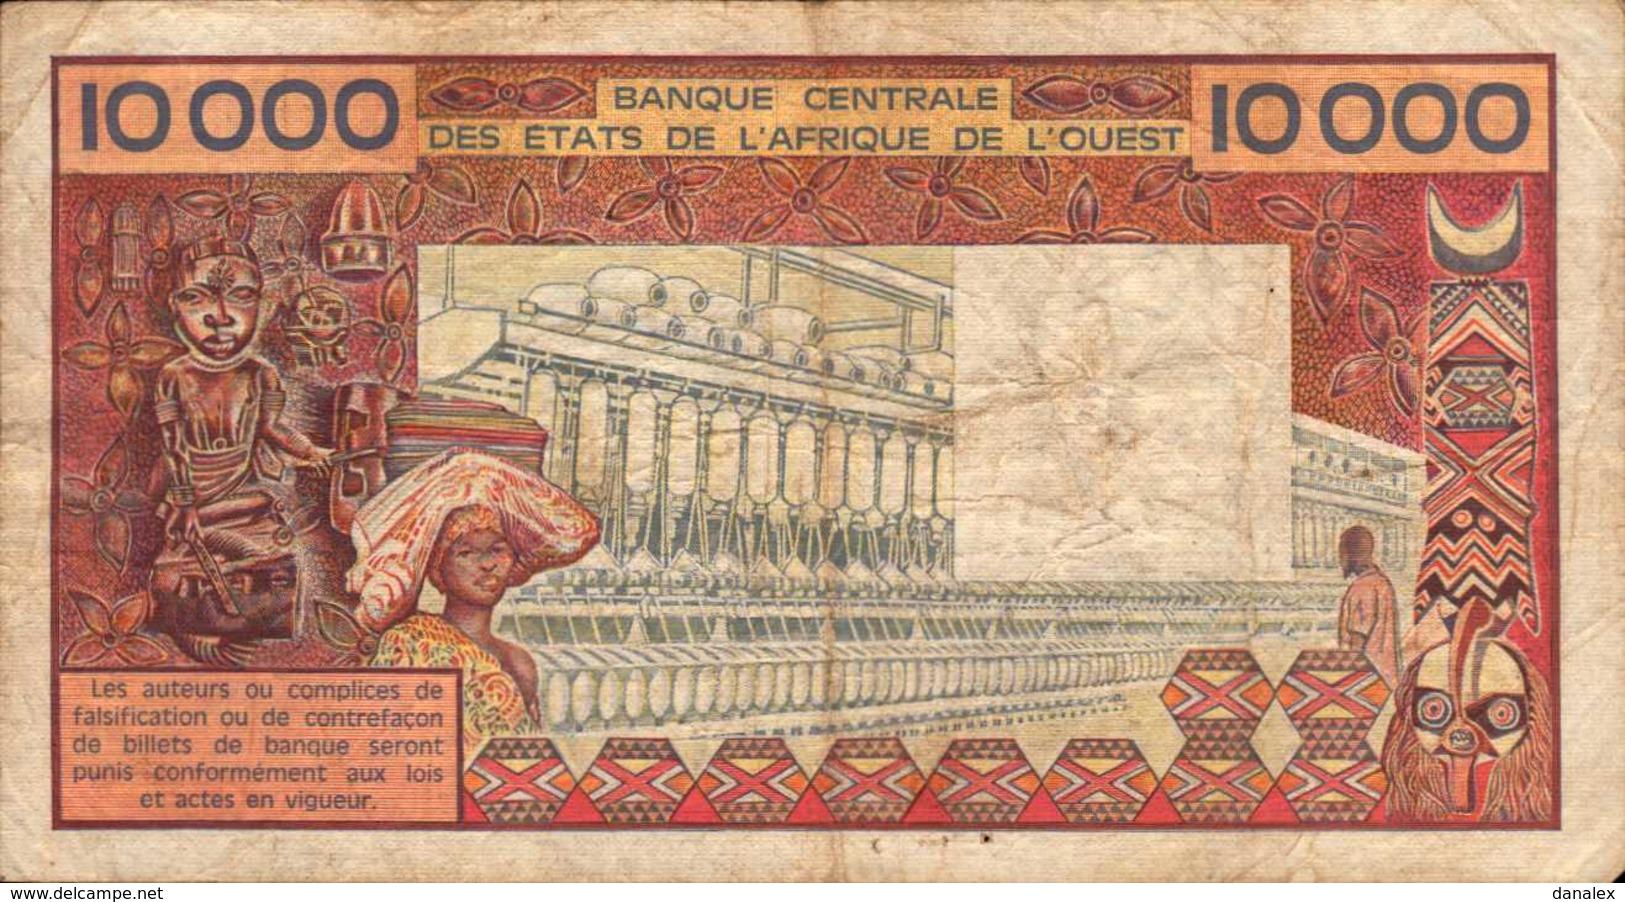 BENIN  10000 FRANCS De 1991nd  Pick 209j  RARE - Benin